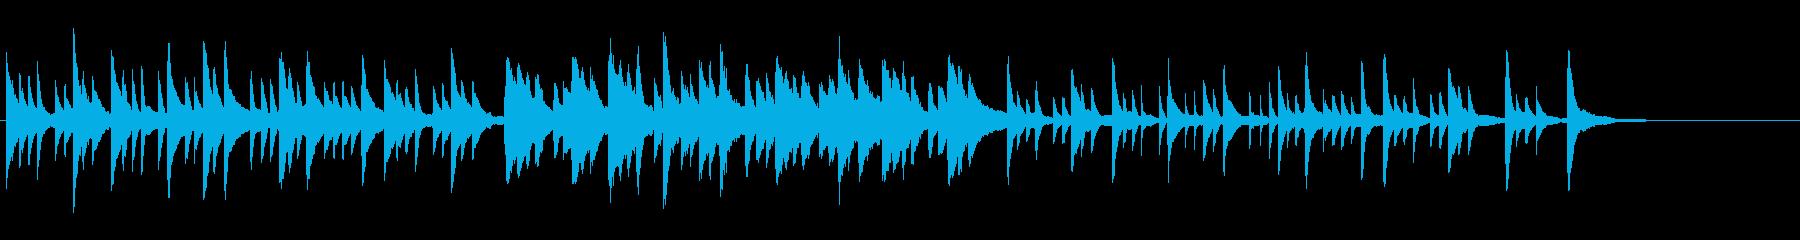 ピアノソロによるグレゴリオ聖歌の再生済みの波形